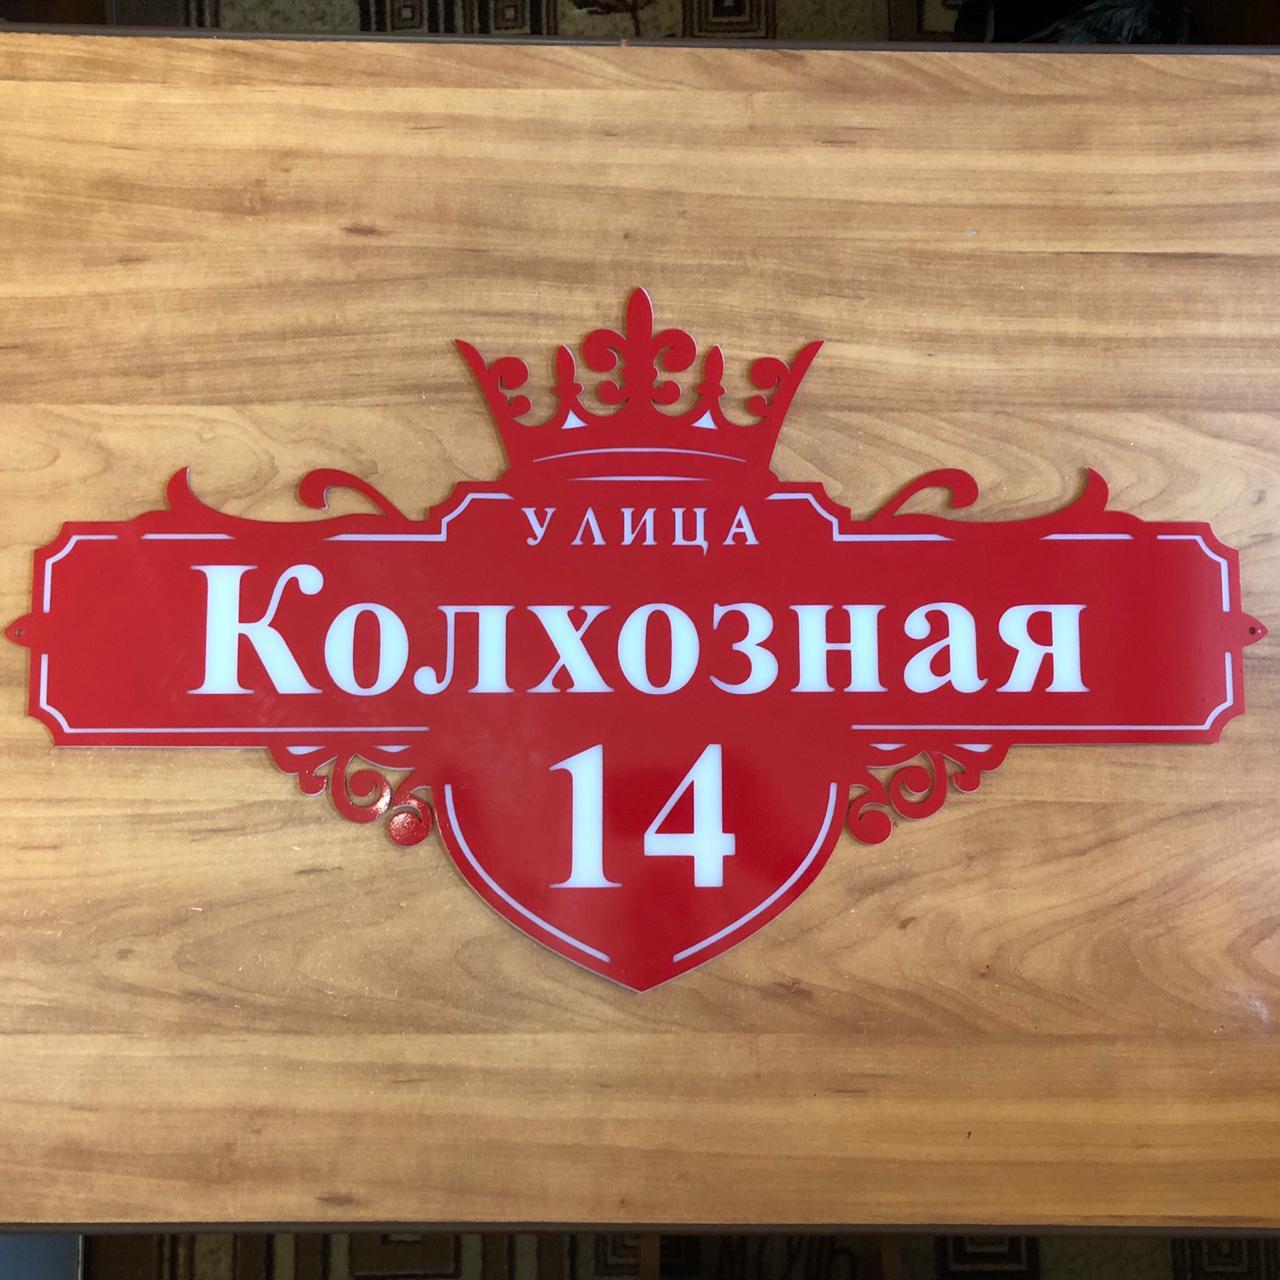 Табличка - «Верона» Размеры 60*34 см. Материал - Пластик 2 мм.  - Цена, Стоимость - 790 руб.(доставка по всей России)